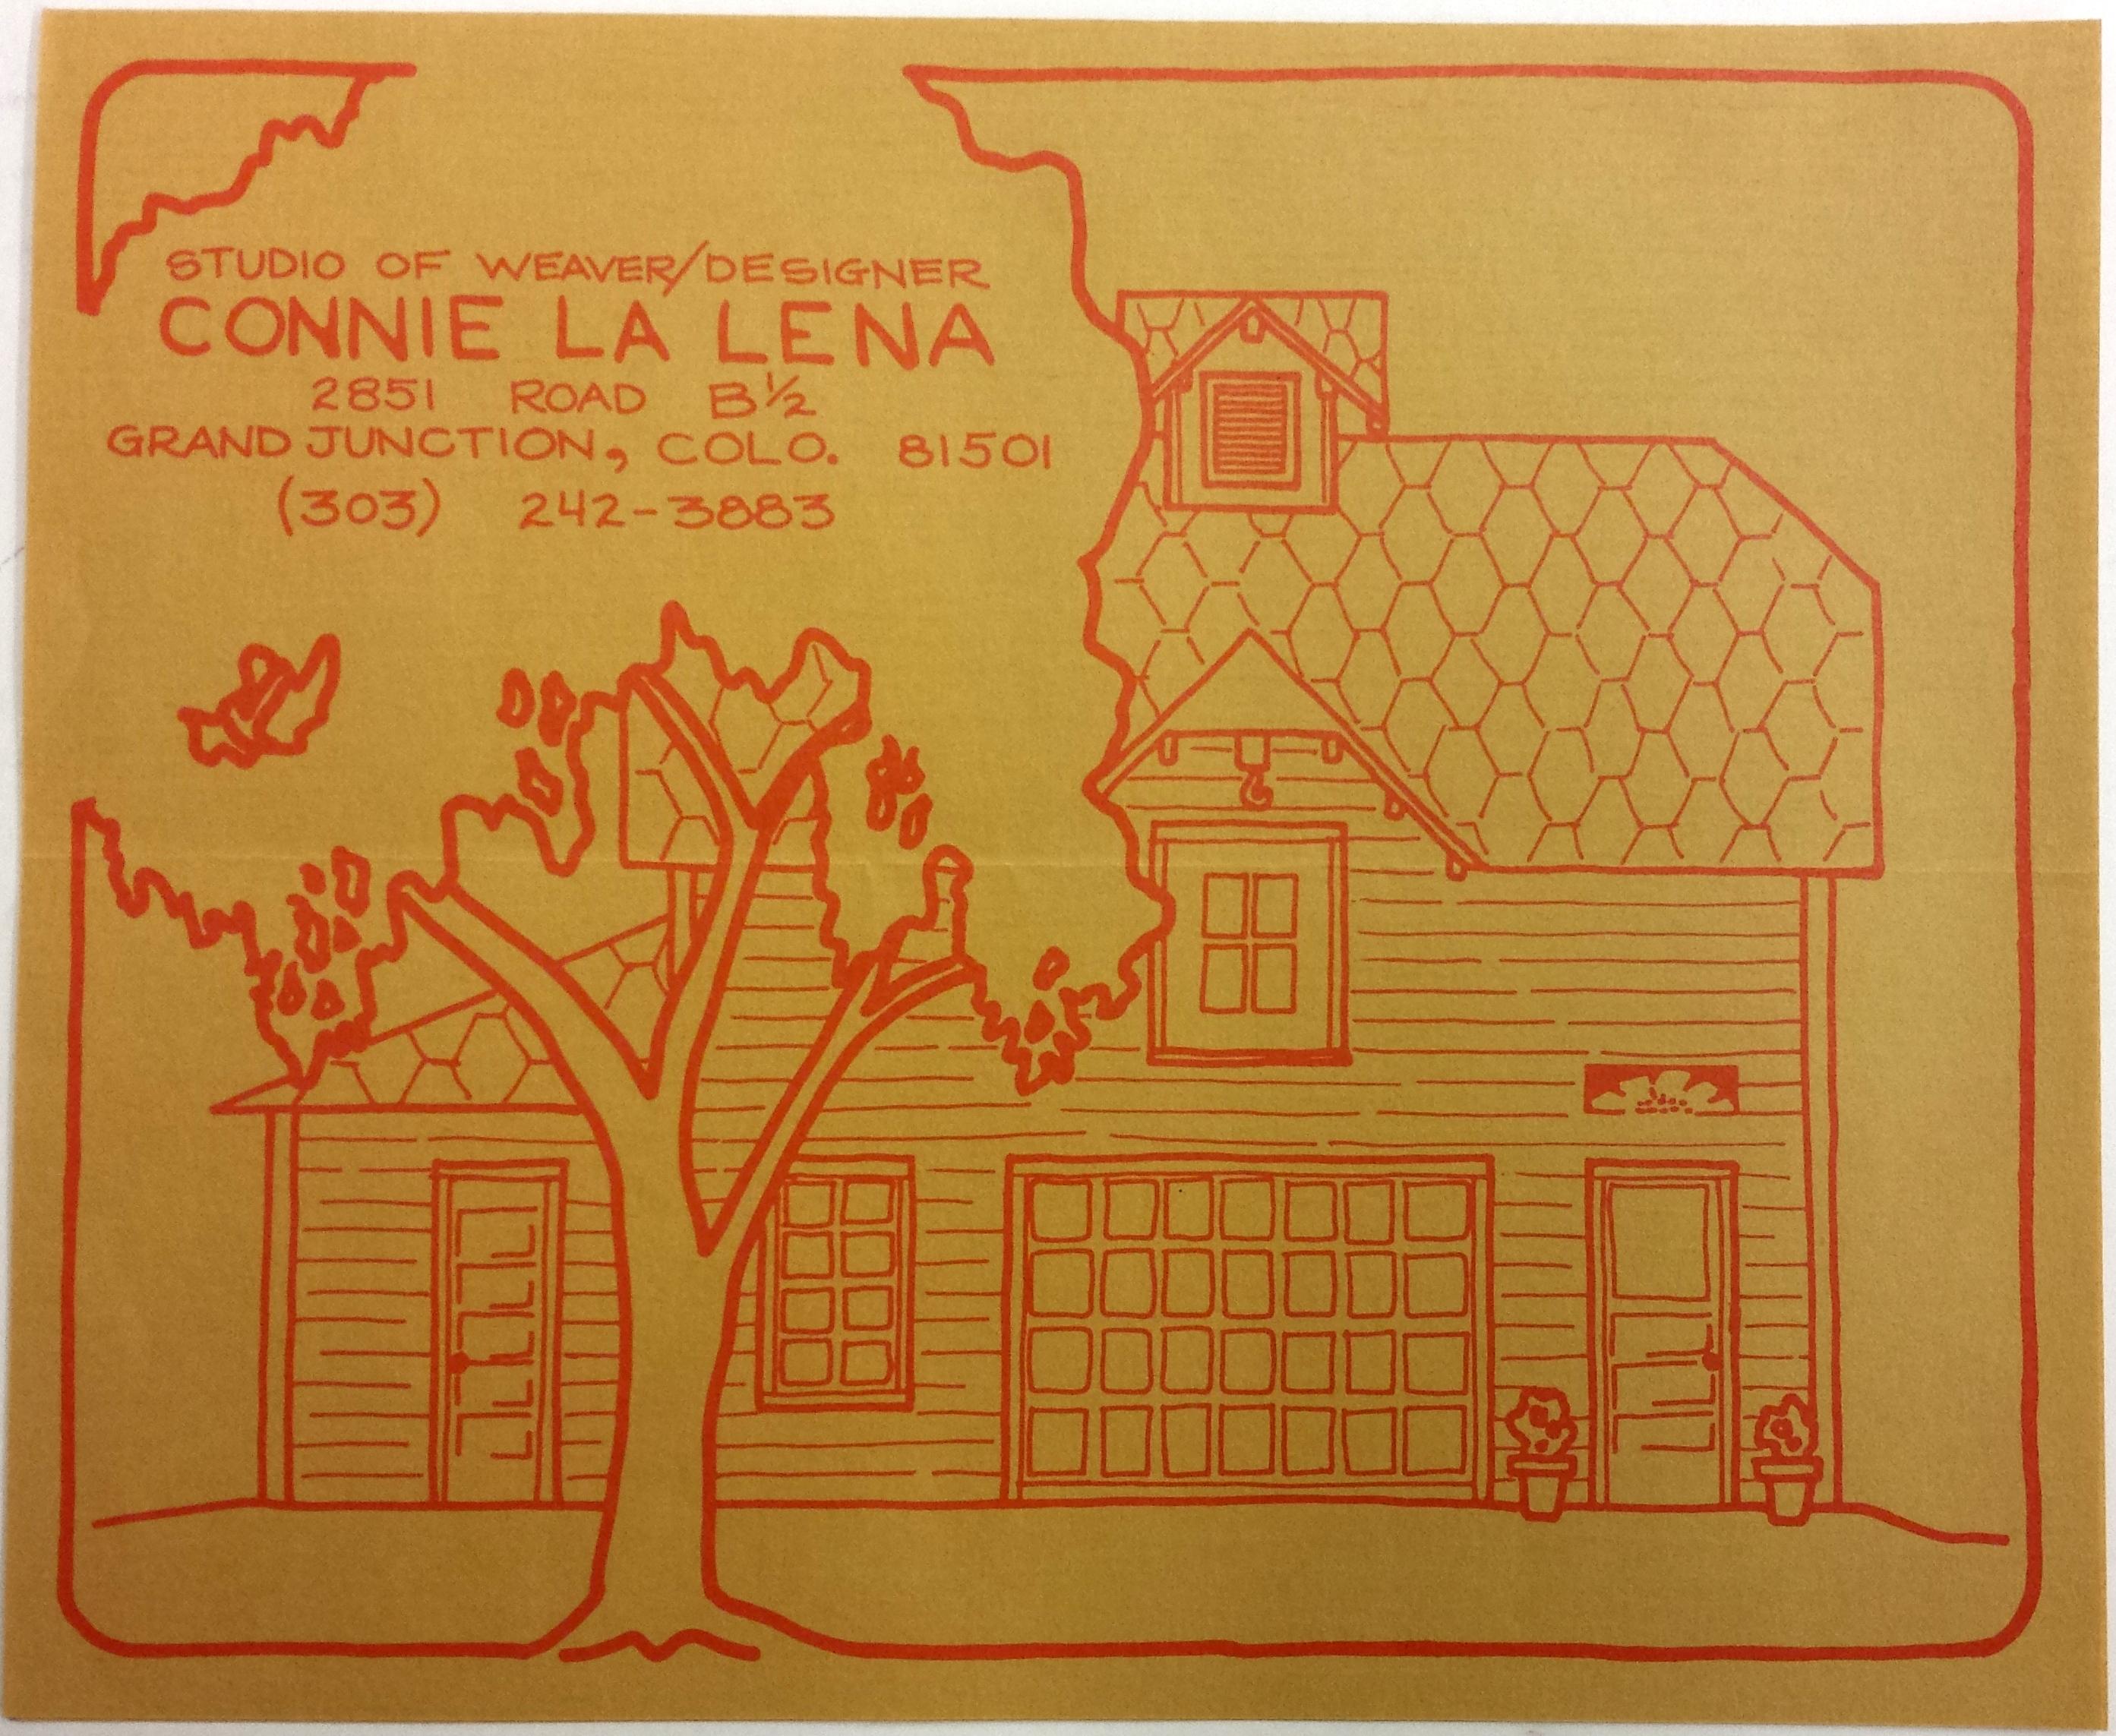 Sunflower - Studio of Weaver/Designer Connie La Lena envelope.